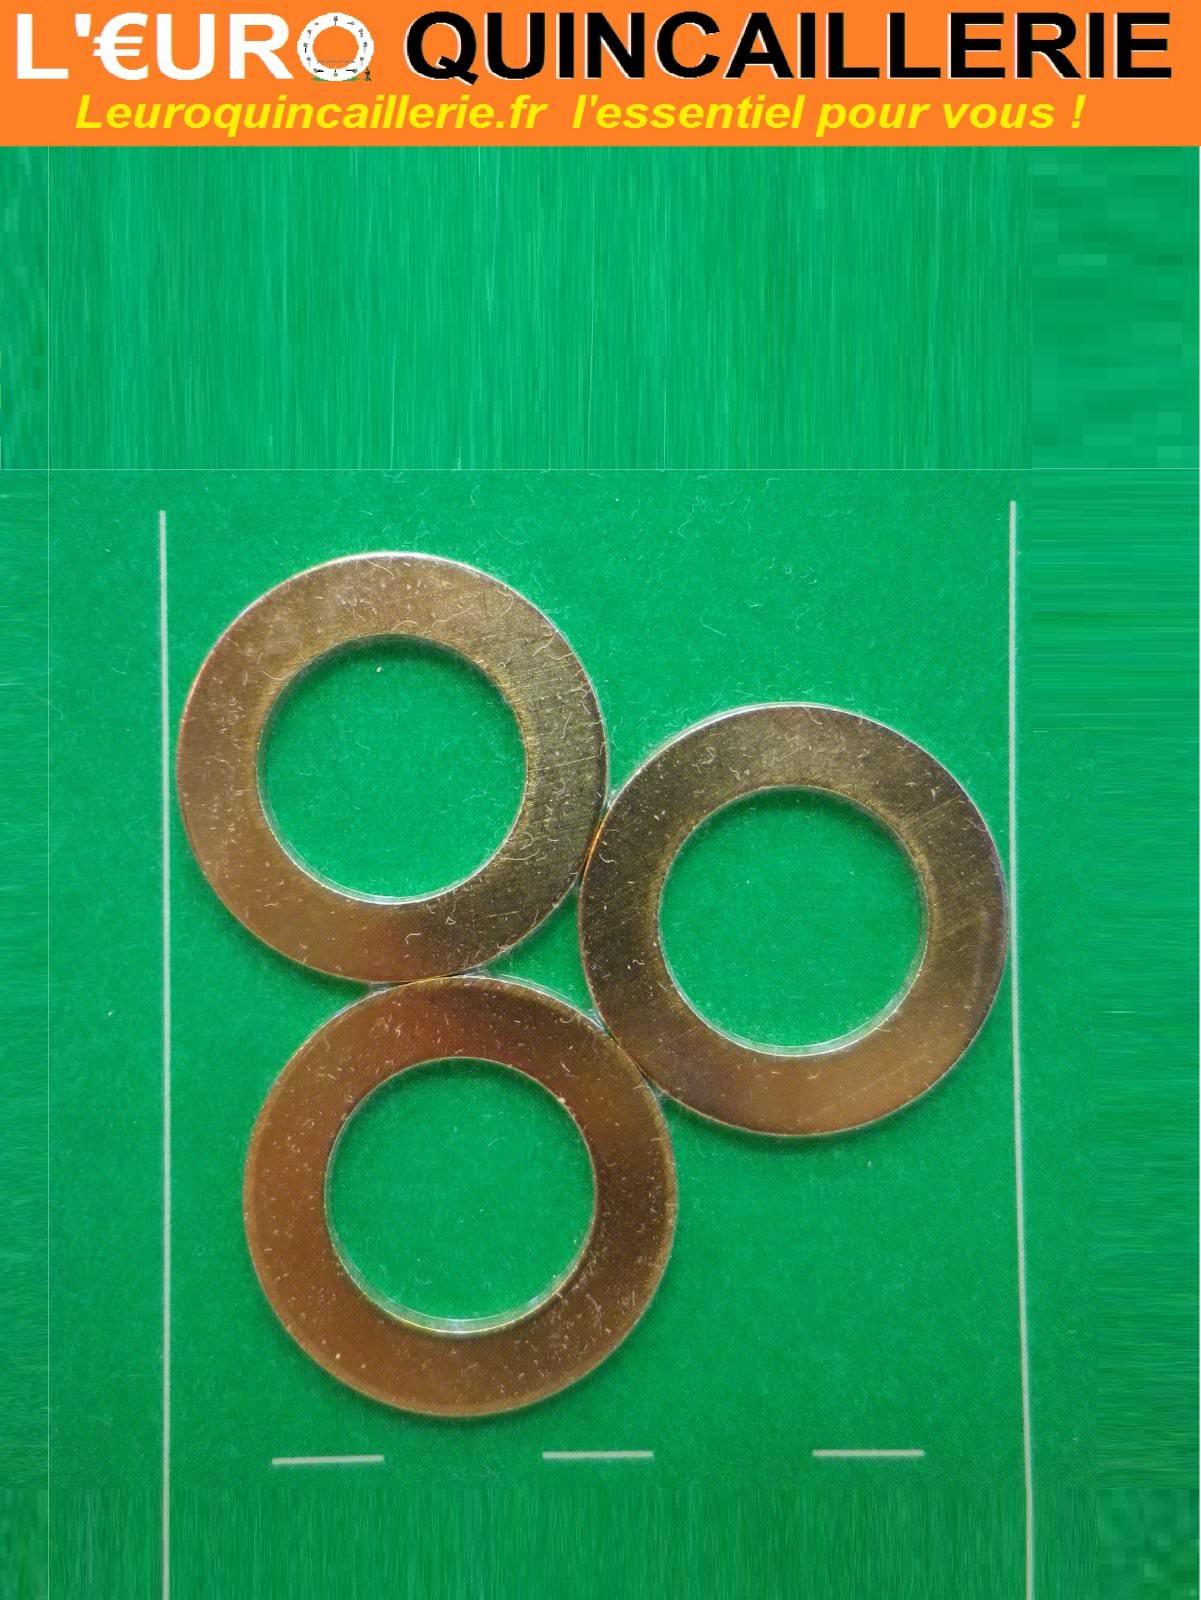 3 Bagues de paumelle laiton D. 17mm